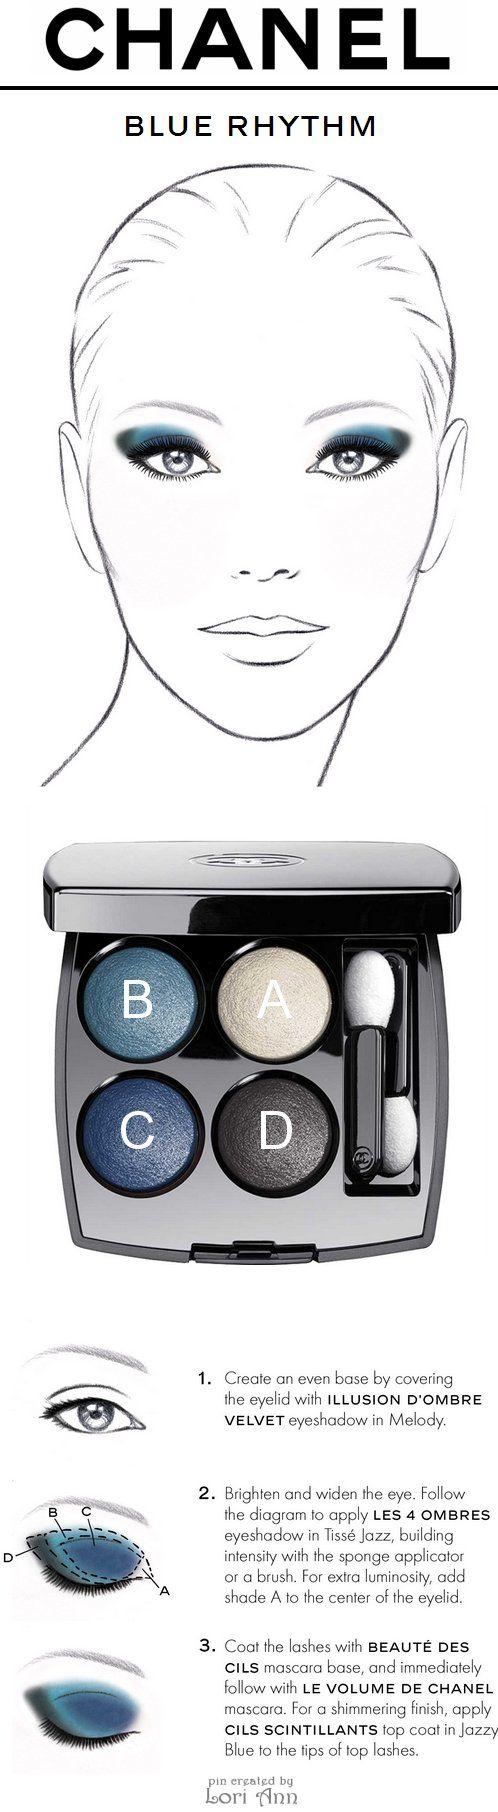 Chanel Blue Rhythm Eye Tutorial Using Les 4 Ombres Eyeshadow Quad In Tiss�  Jazz